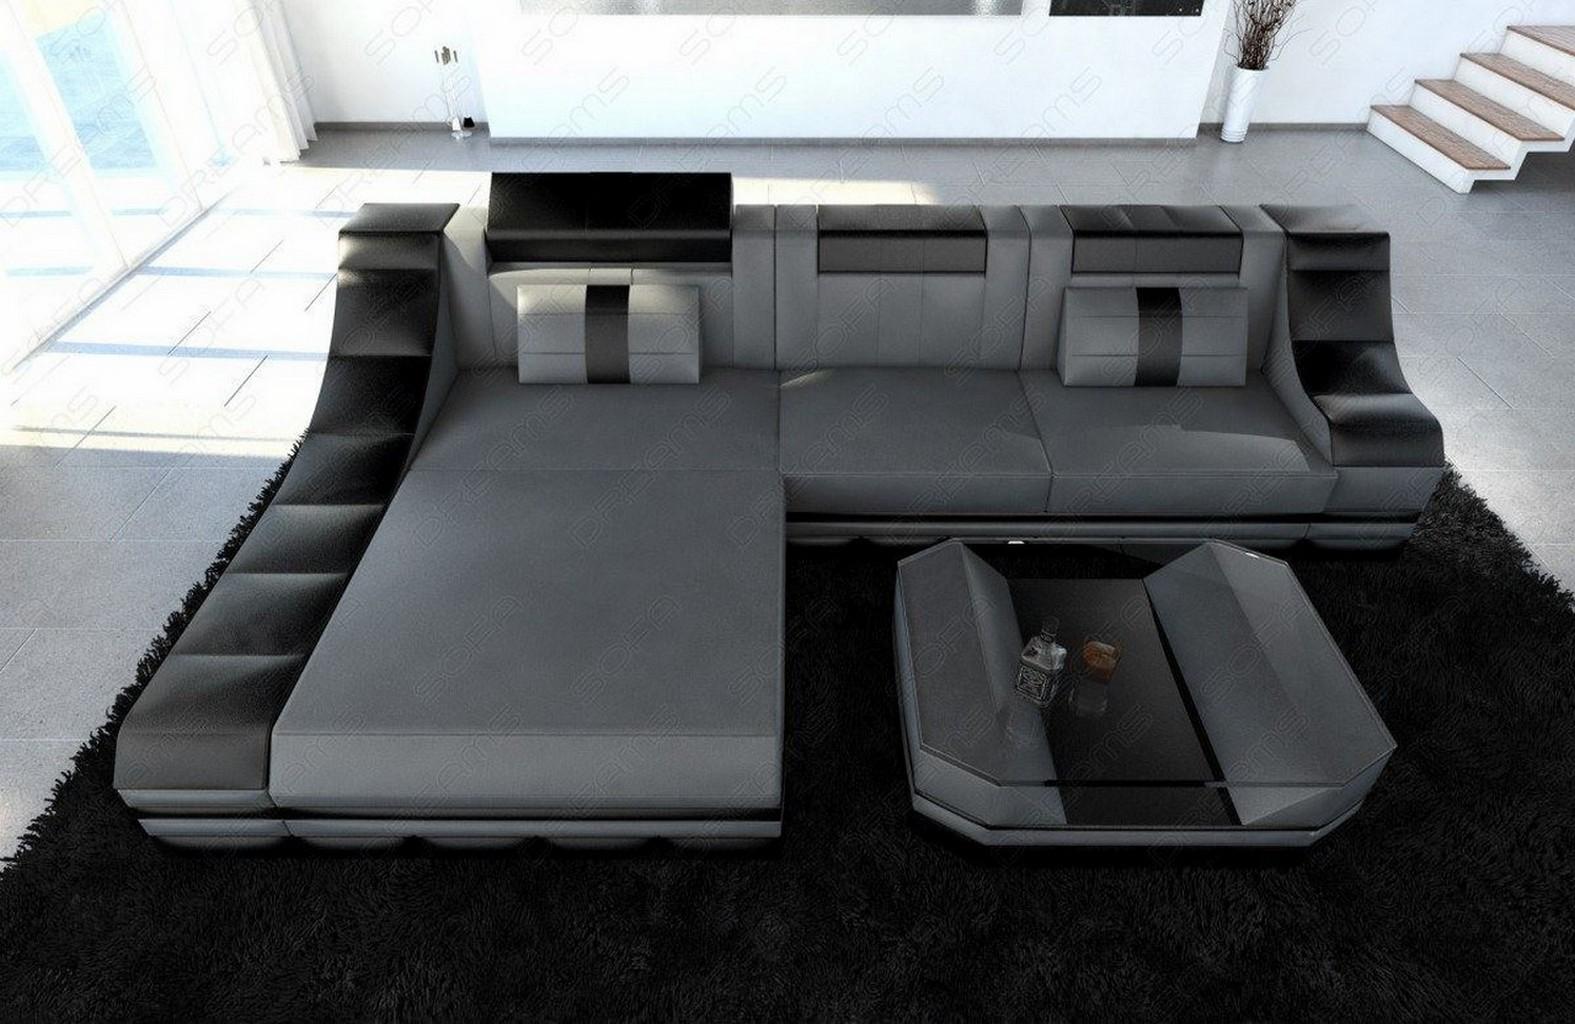 couchgarnitur ledersofa turino l form mit led licht eckcouch grau schwarz ebay. Black Bedroom Furniture Sets. Home Design Ideas